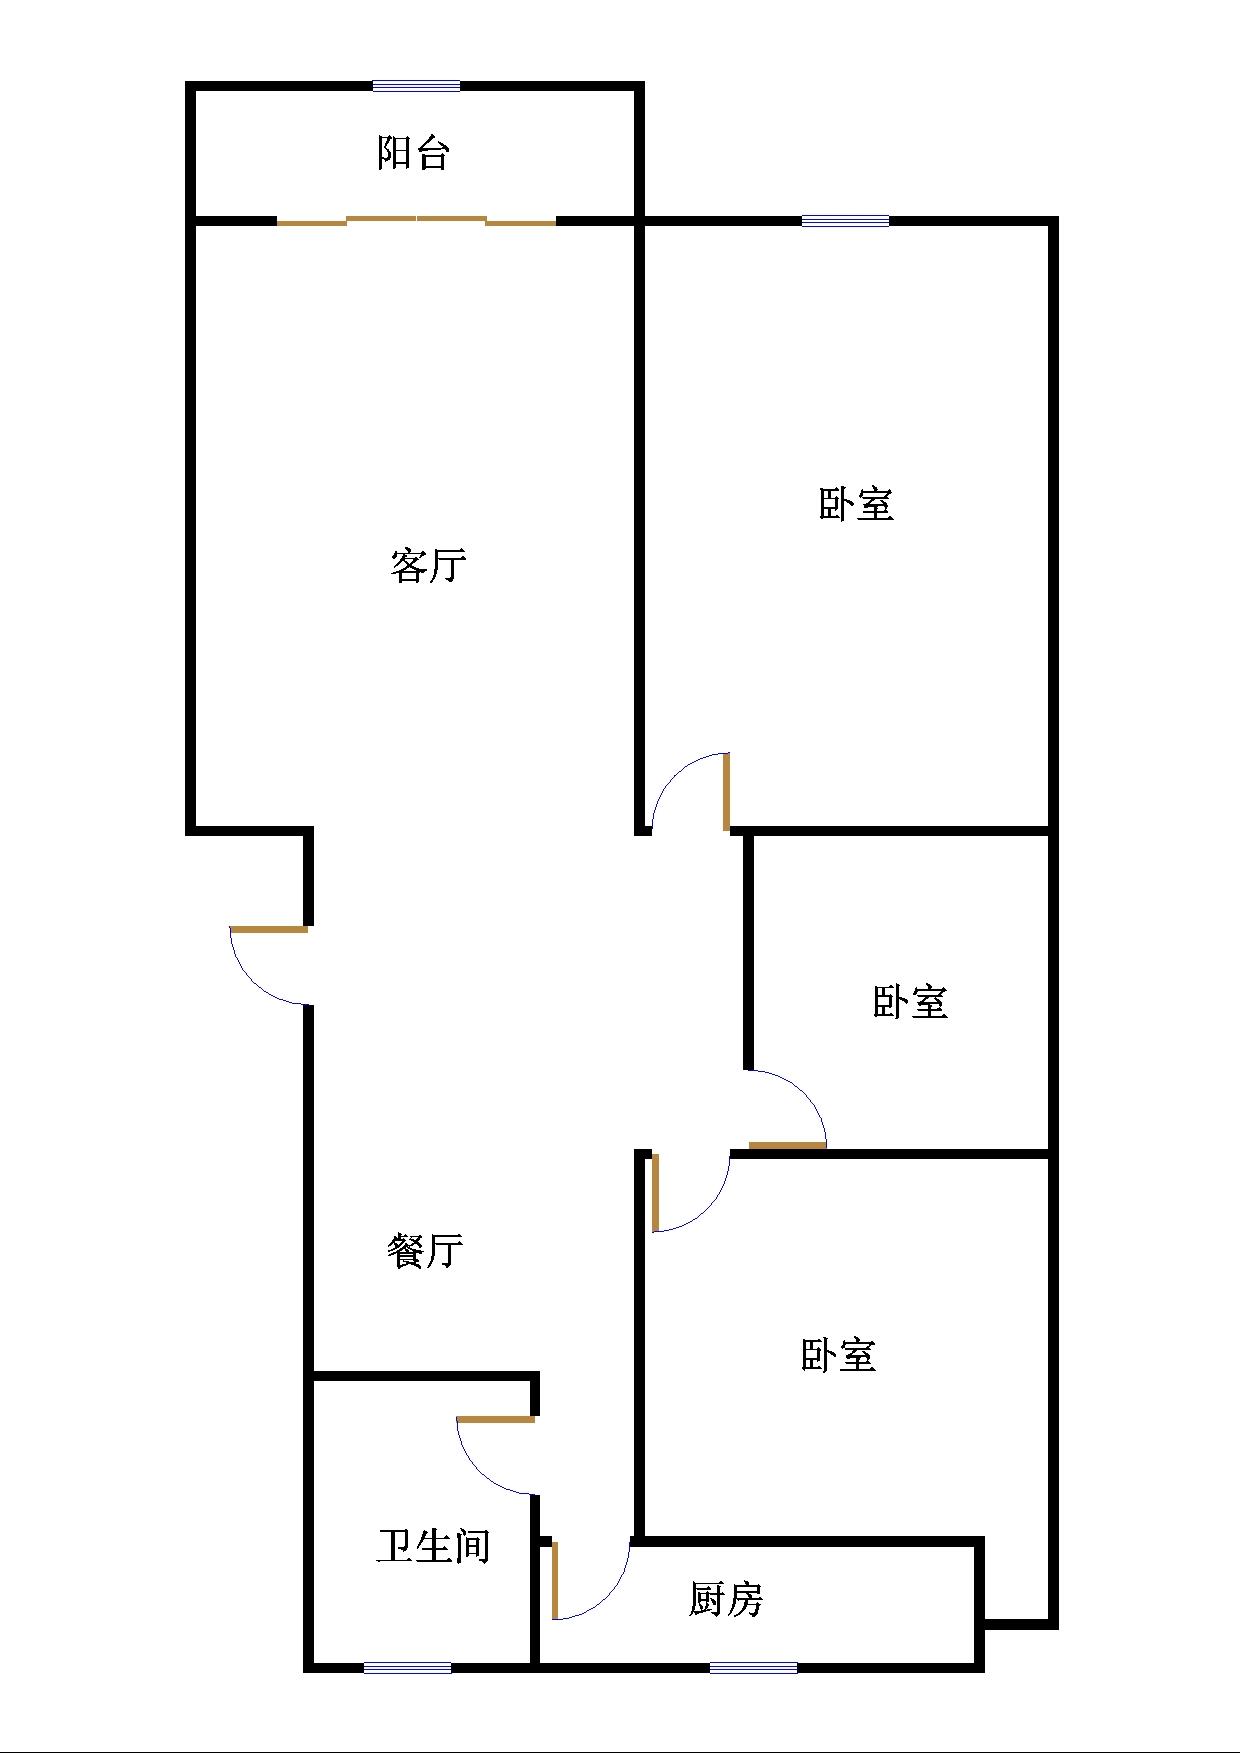 高地世纪城 2室2厅 5楼